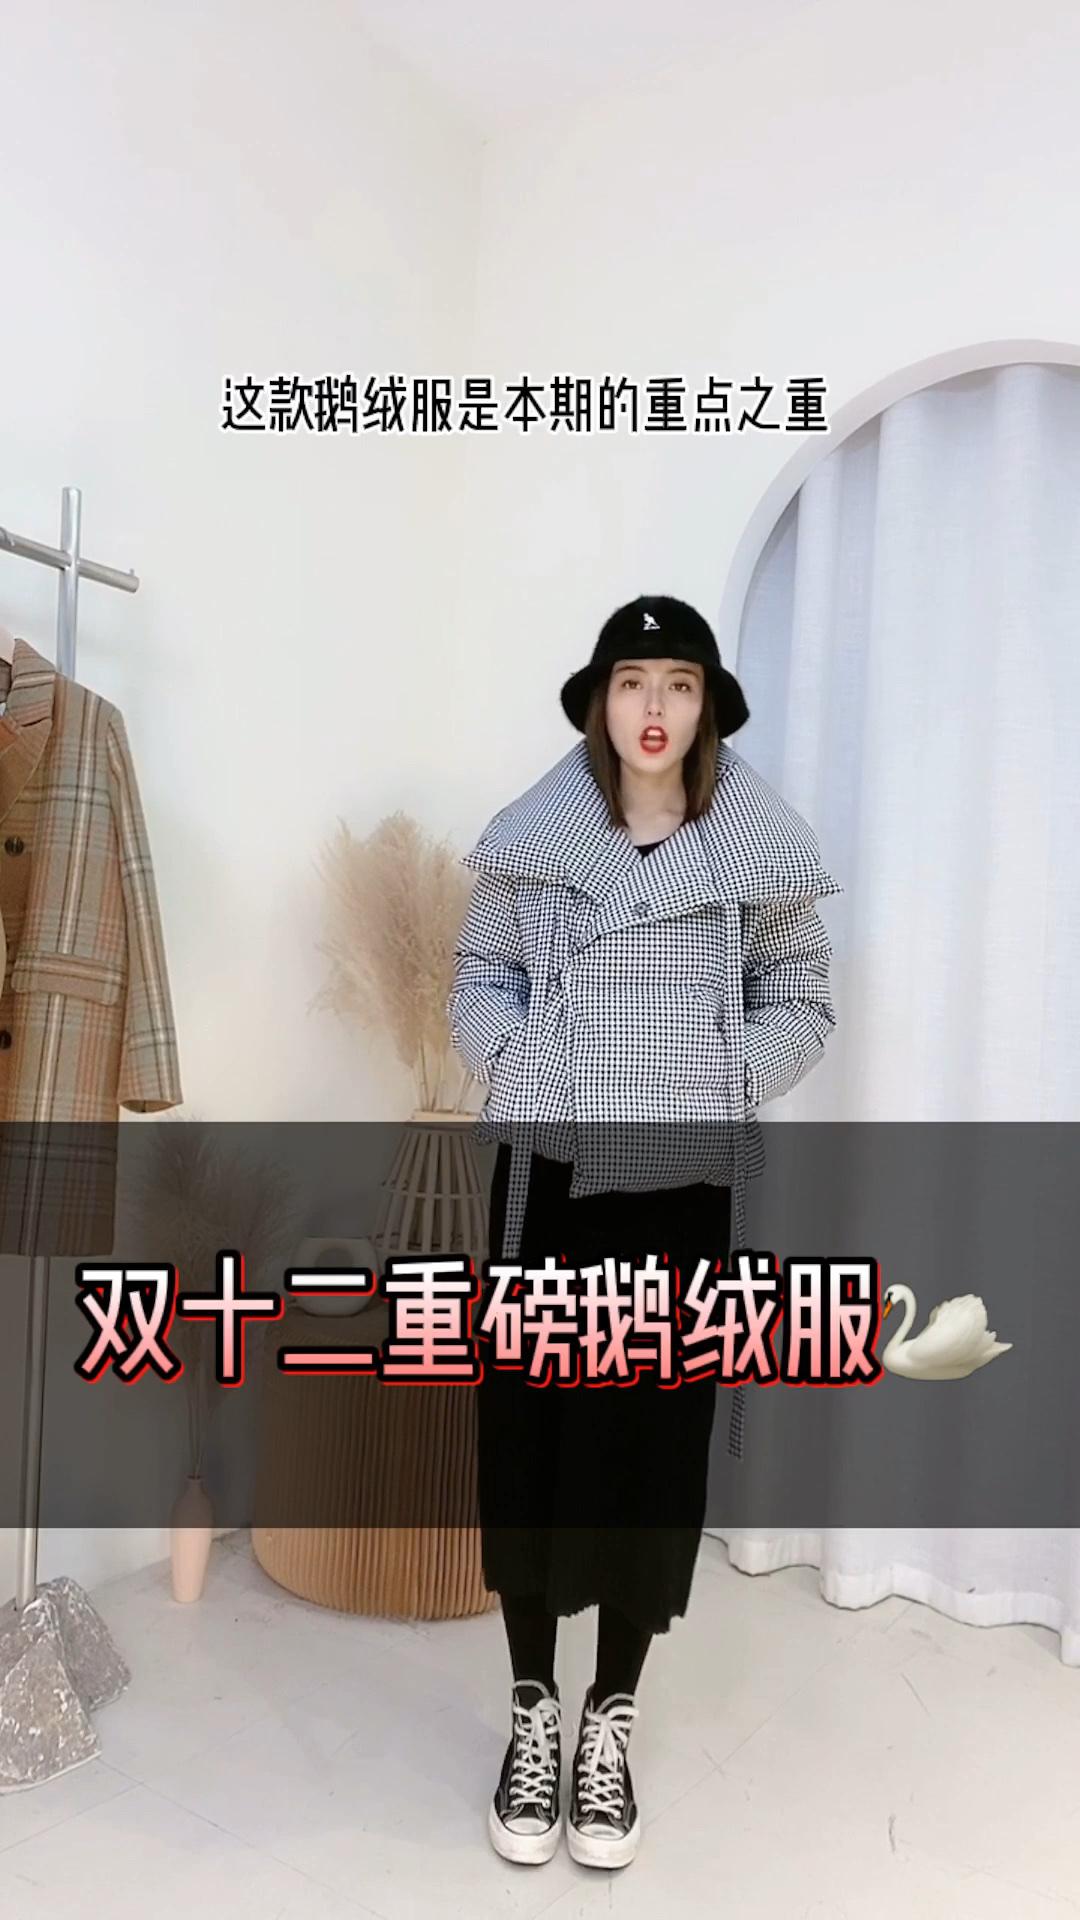 #入冬被窝式羽绒服推荐#  双十二重磅鹅绒服🦢